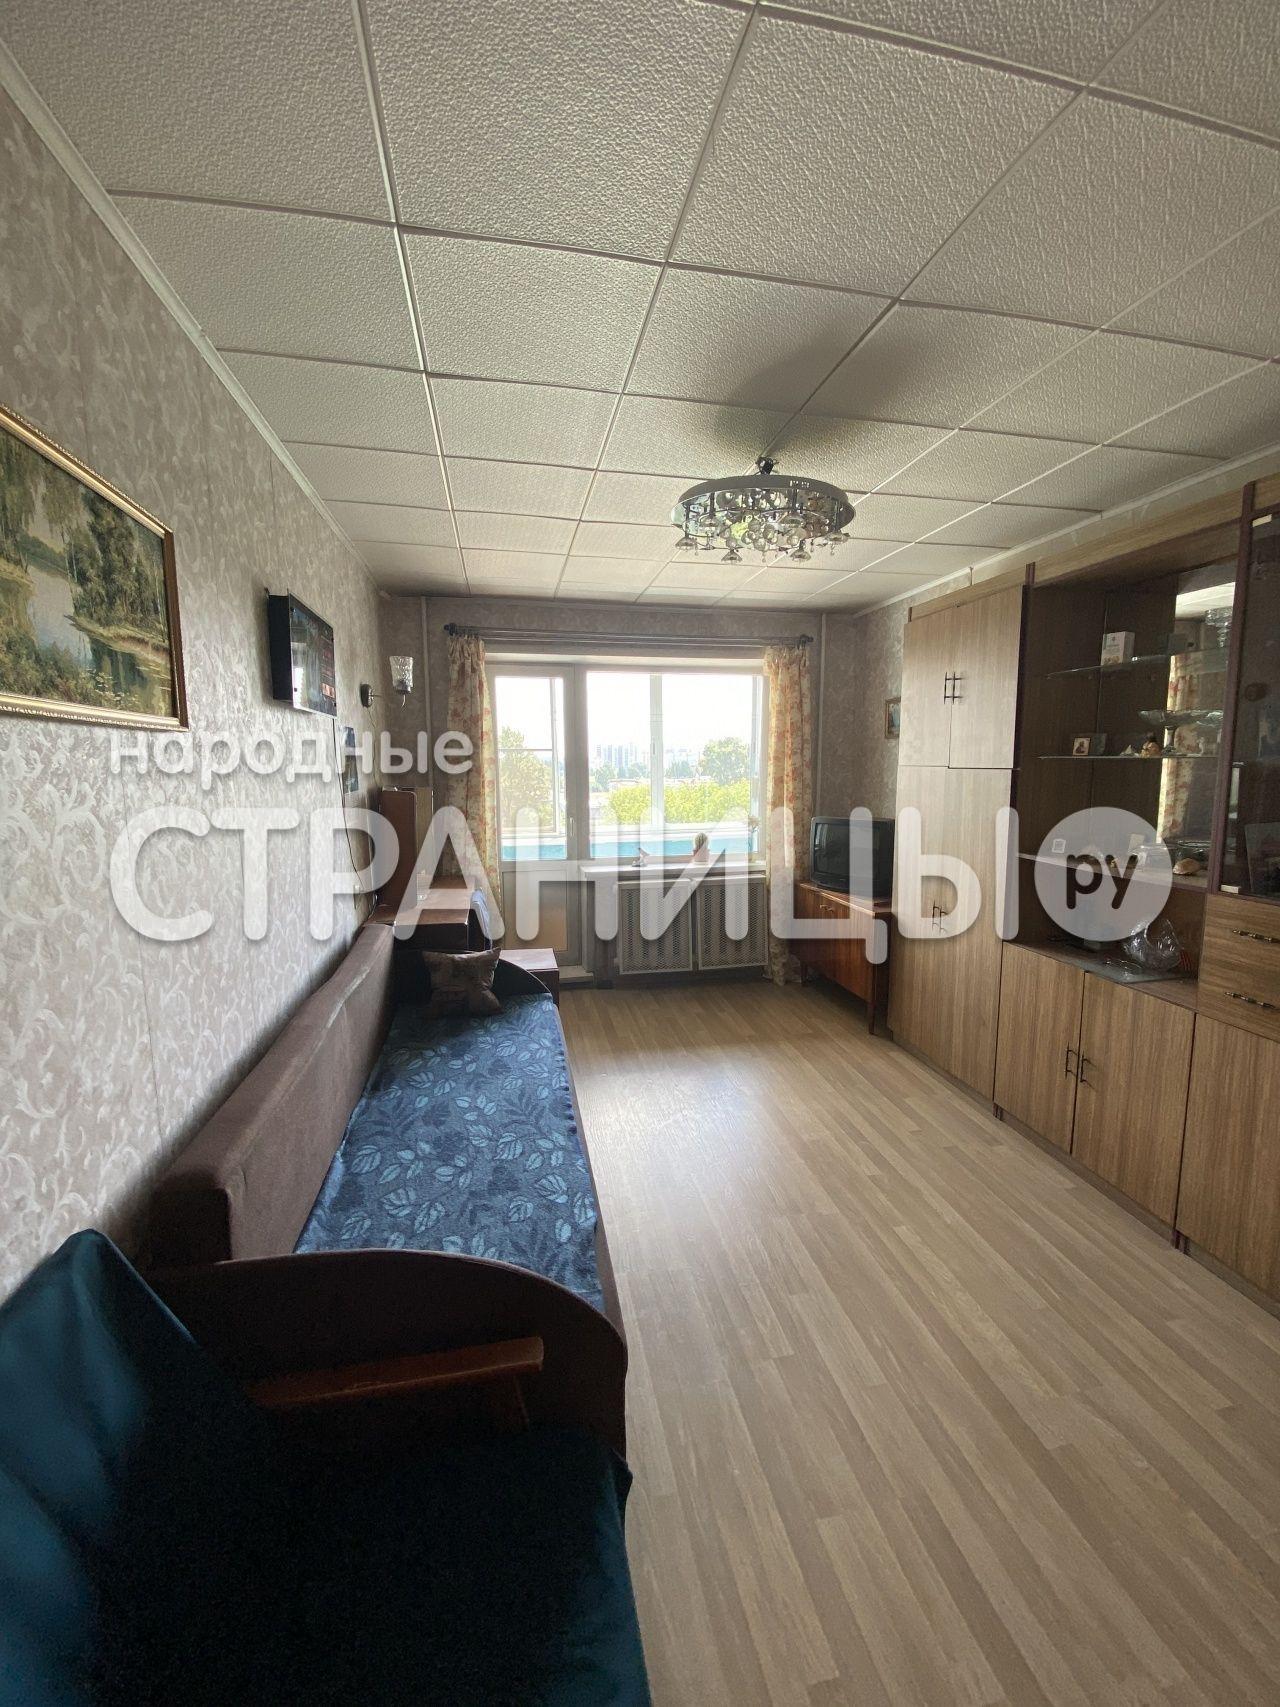 2-комнатная квартира, 51.0 м²,  4/9 эт. Панельный дом, Вторичное жилье